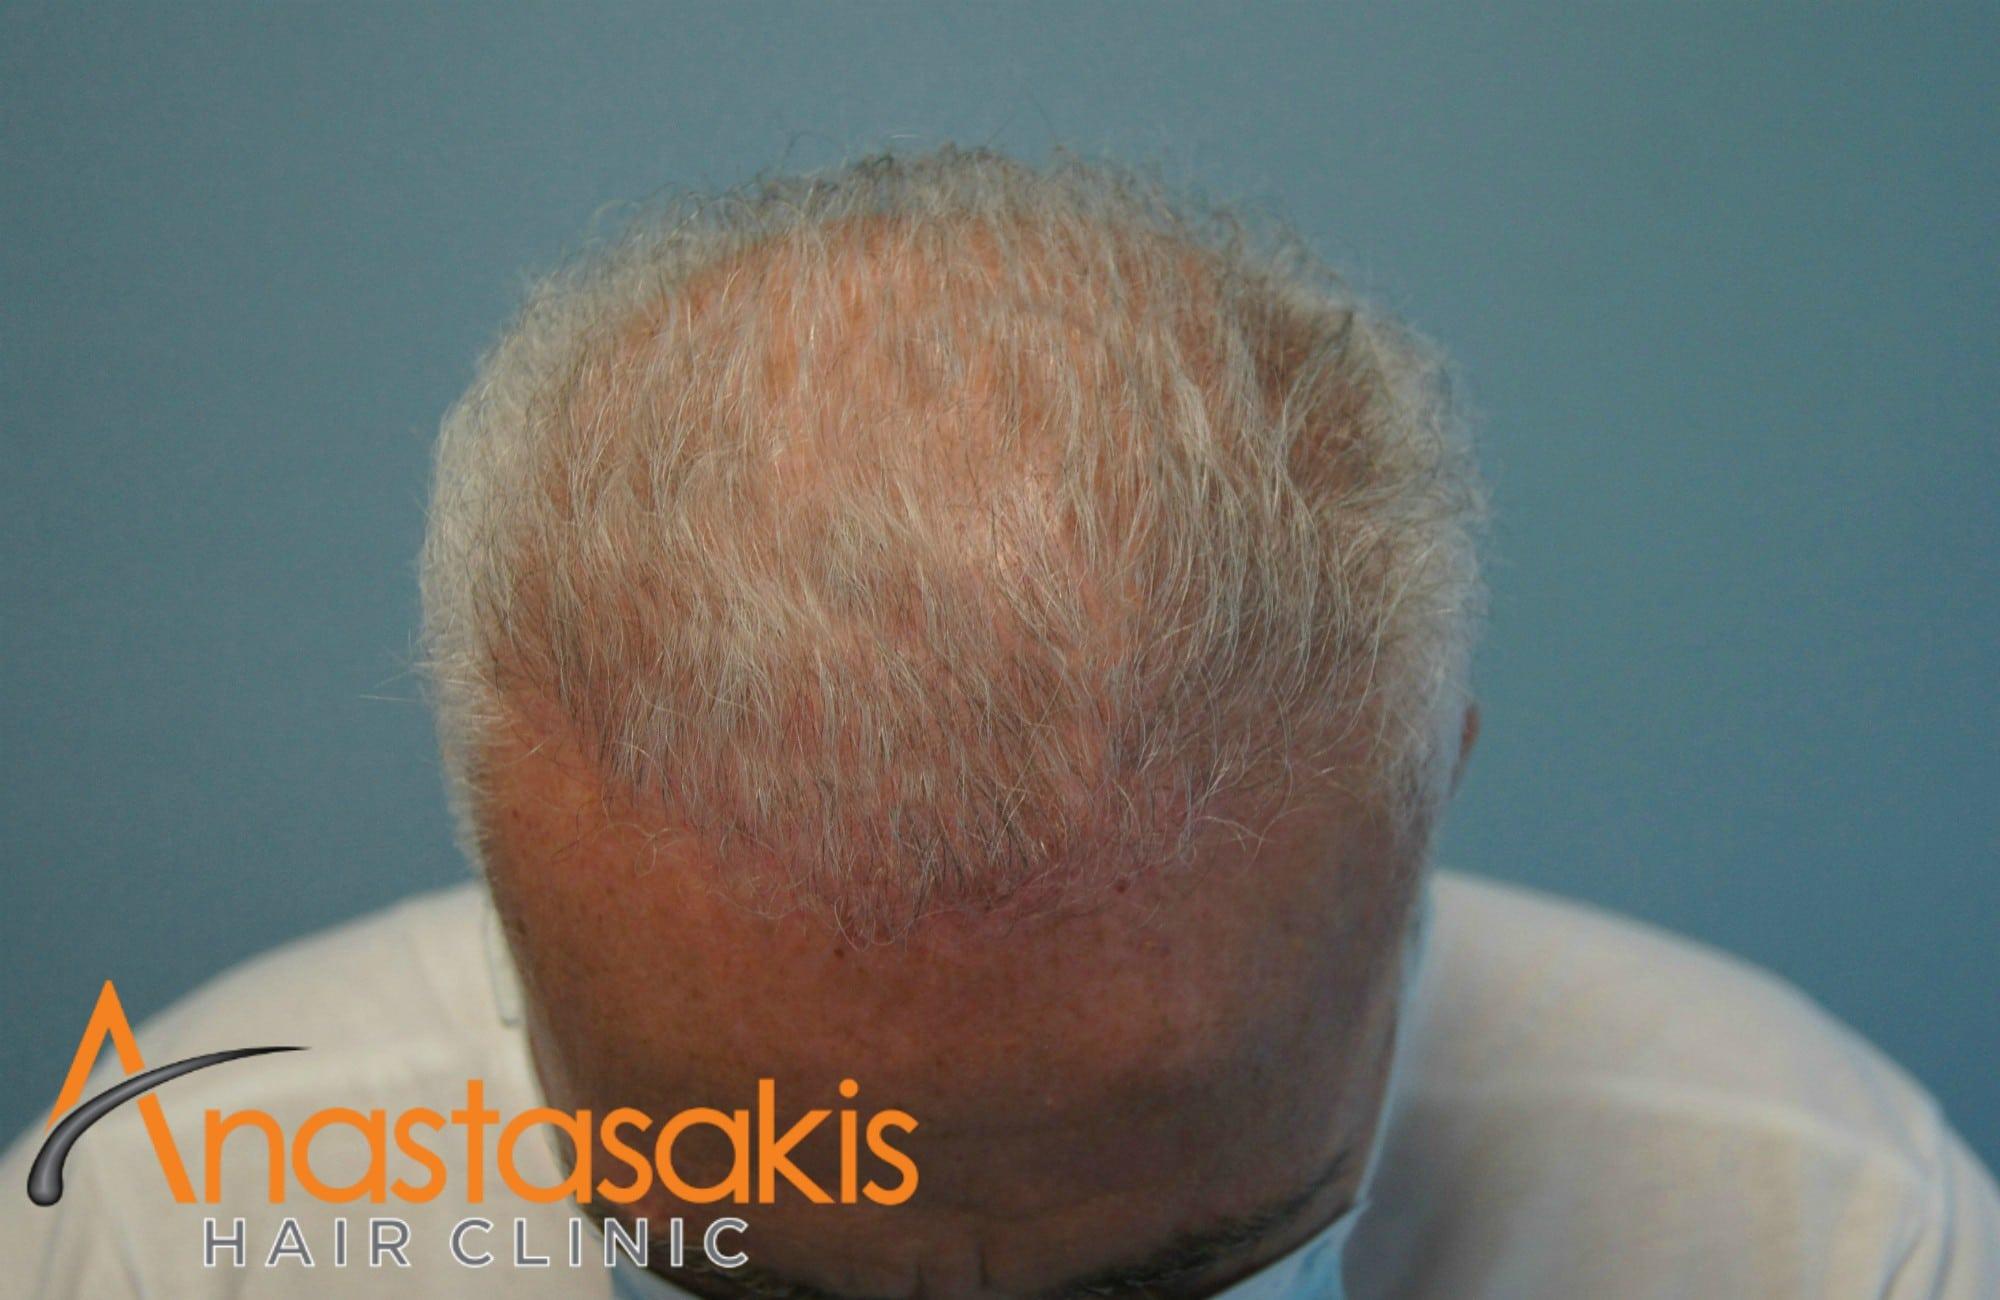 εμπρόσθιο προφίλ ασθενή μετά τη εμφύτευση μαλλιών με 3500 fus